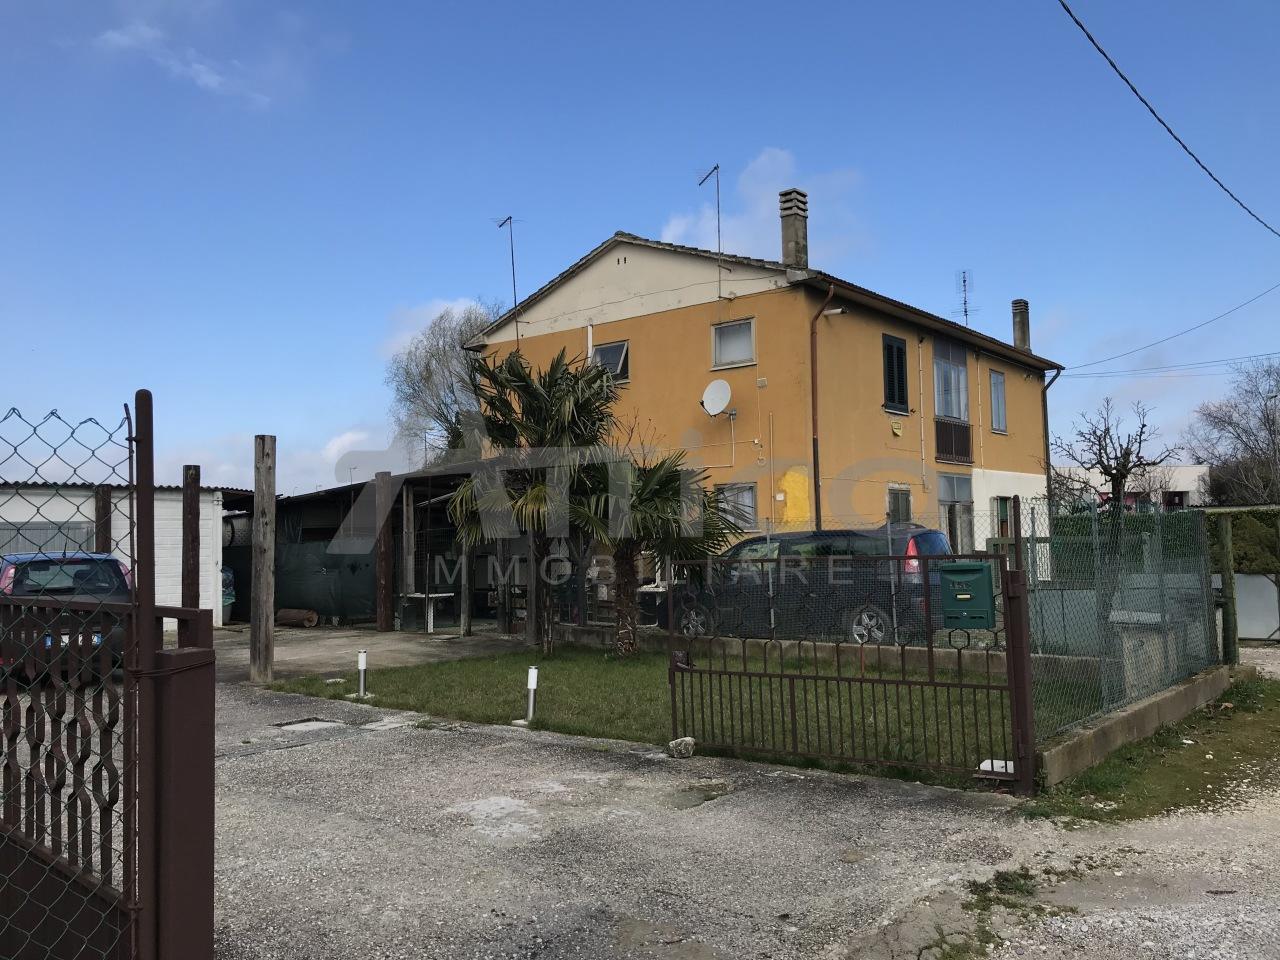 Appartamento in vendita a Rovigo, 4 locali, prezzo € 53.000 | CambioCasa.it